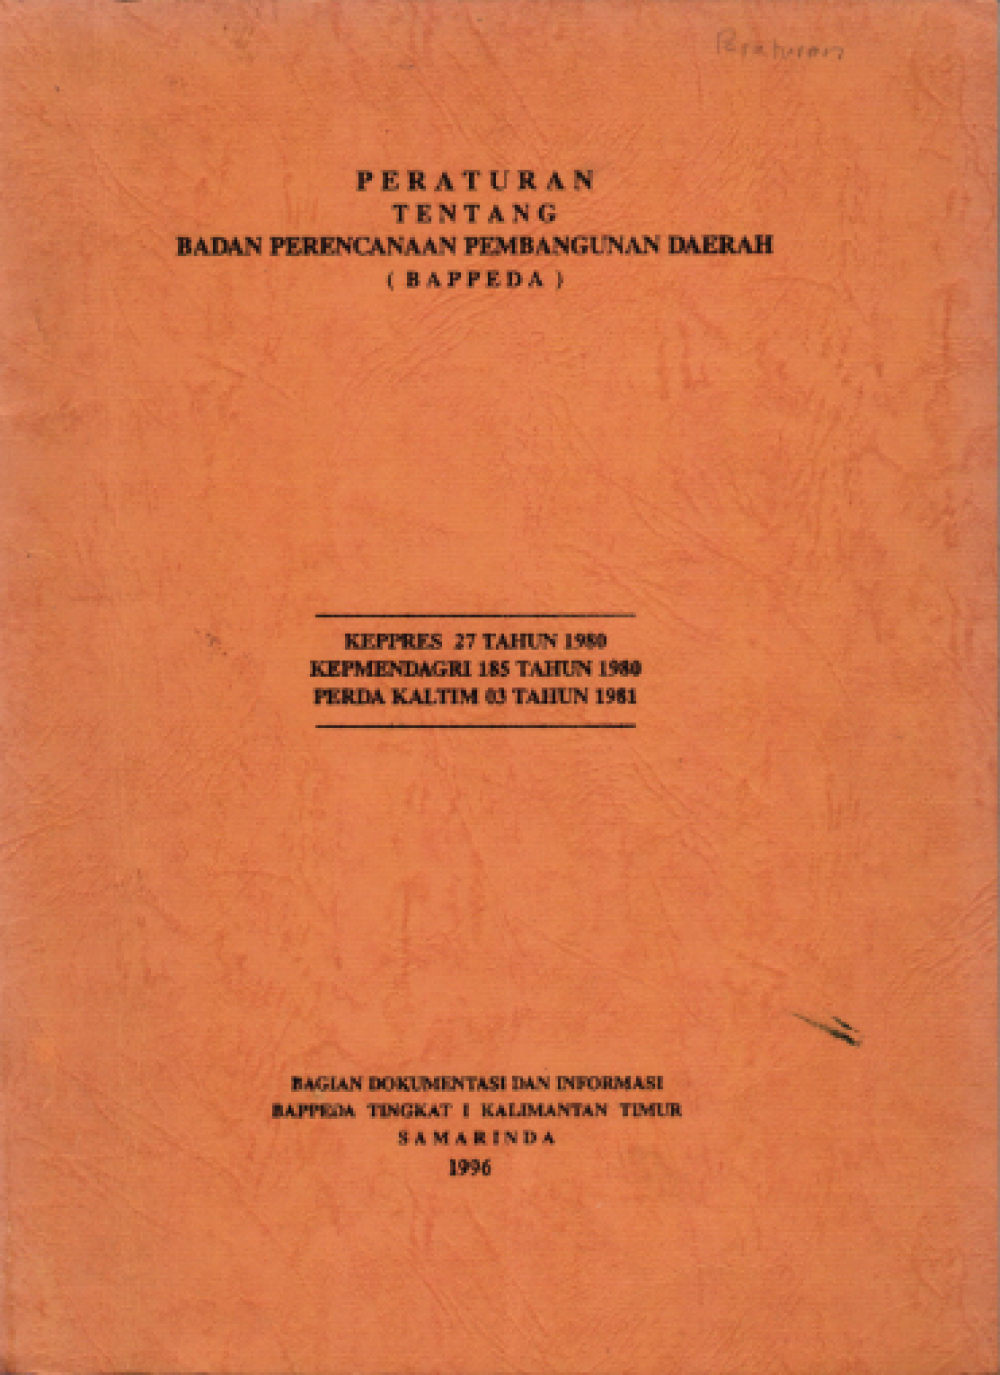 Peraturan tentang Badan Perencanaan Pembangunan Daerah (BAPPEDA) Bagian Dokumentasi dan Informasi BAPPEDA Tingkat I Kalimantan Timur Samarinda 1996